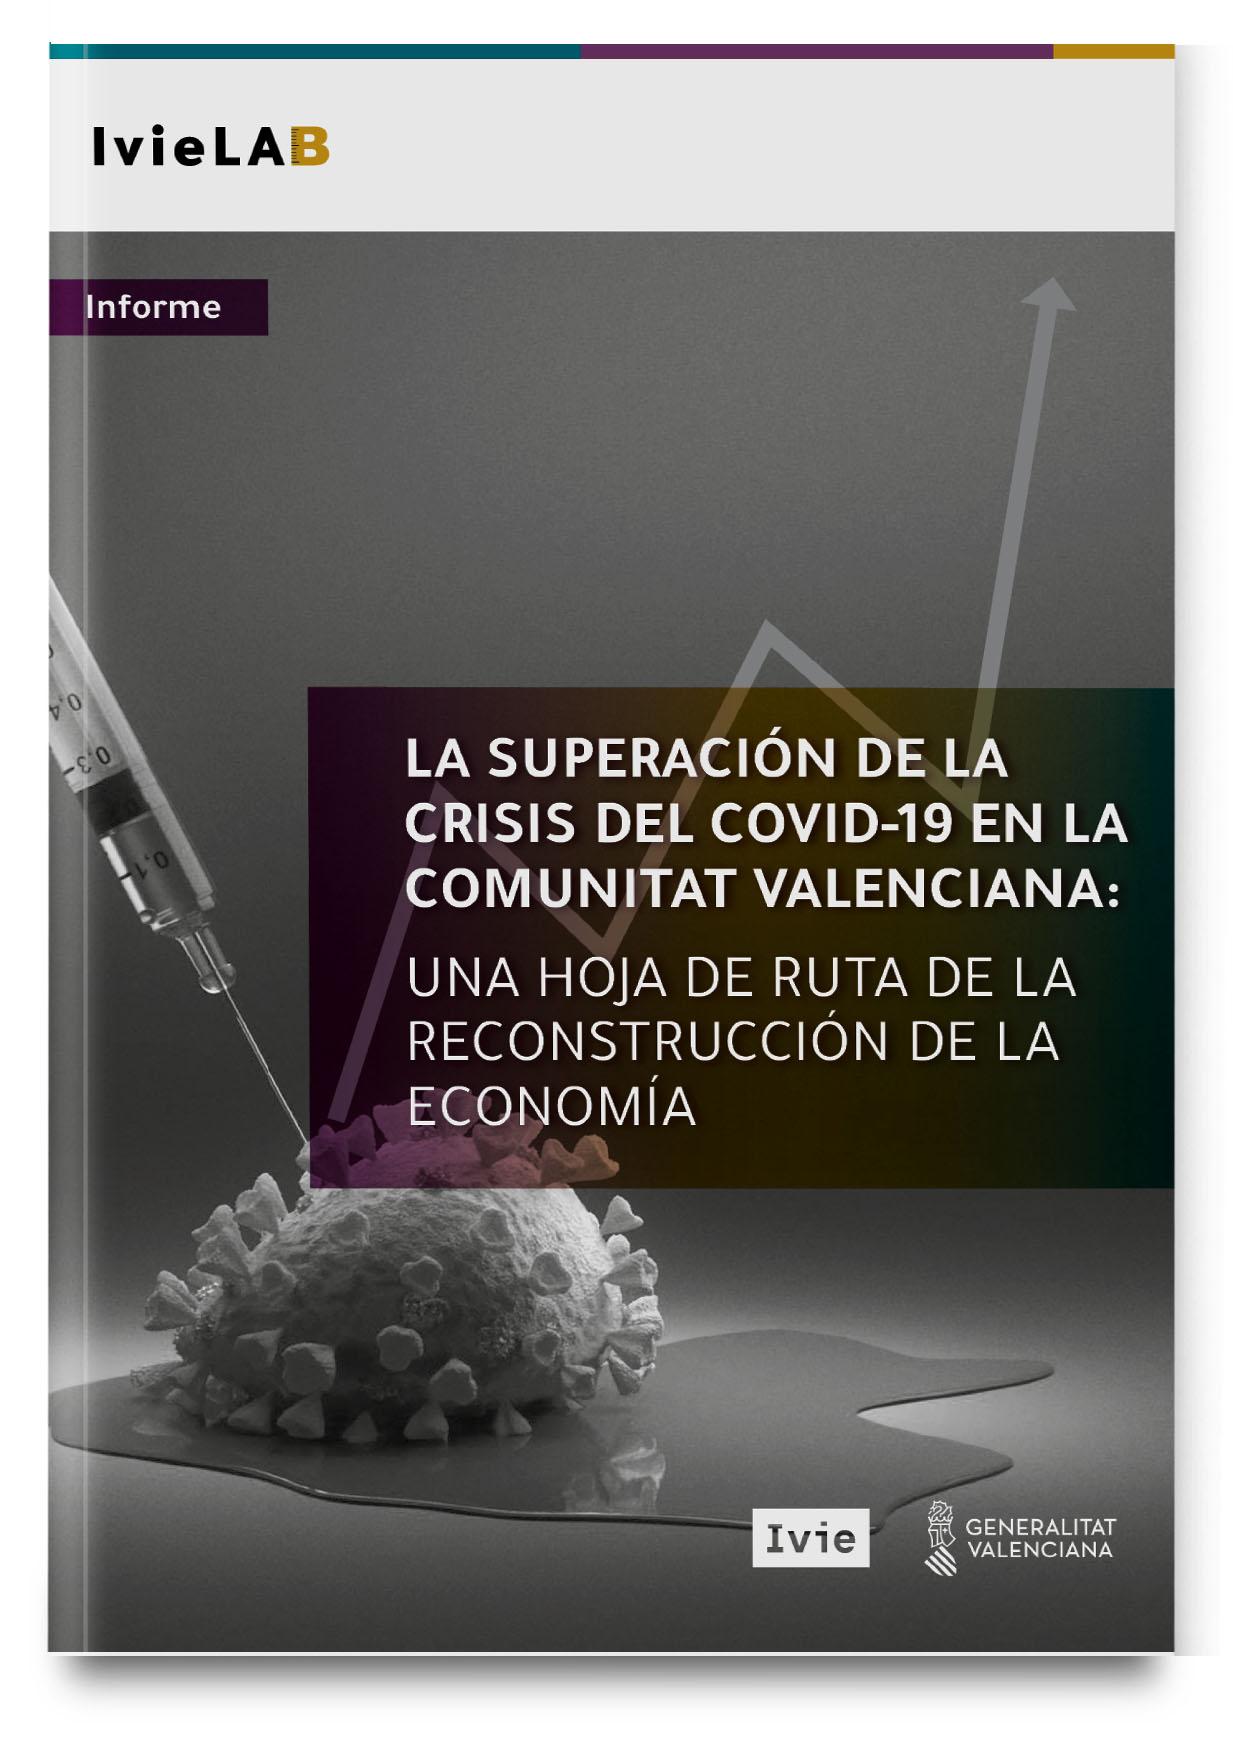 La superación de la crisis del COVID-19 en la Comunitat Valenciana